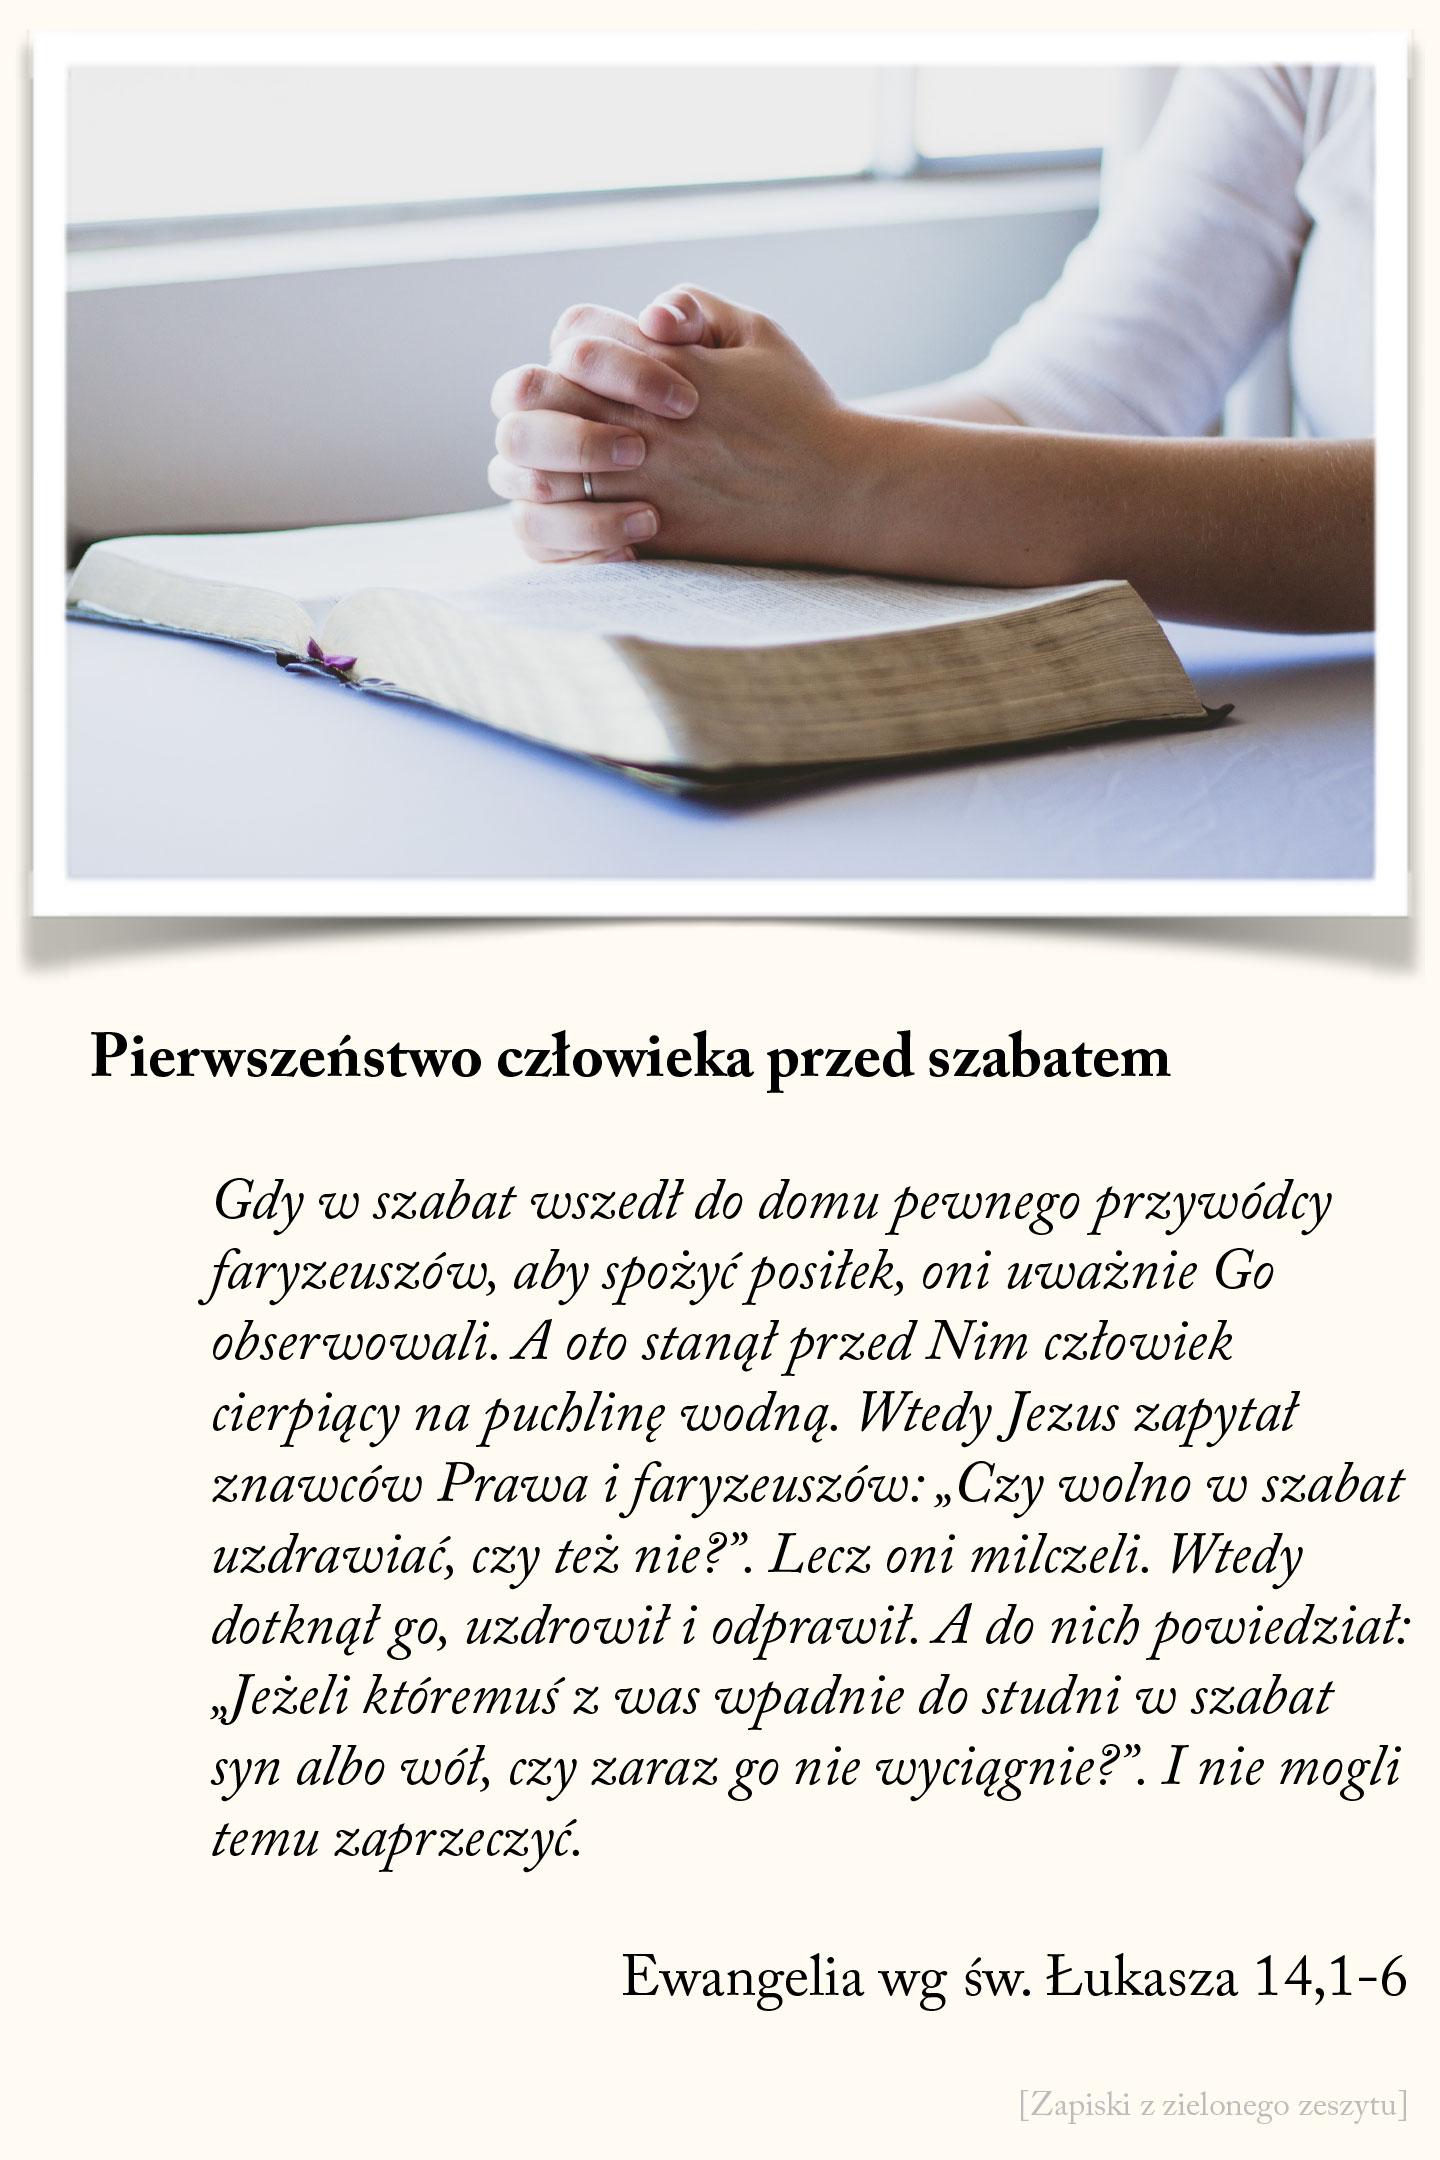 Pierwszeństwo człowieka przed szabatem, Ewangelia wg św. Łukasza